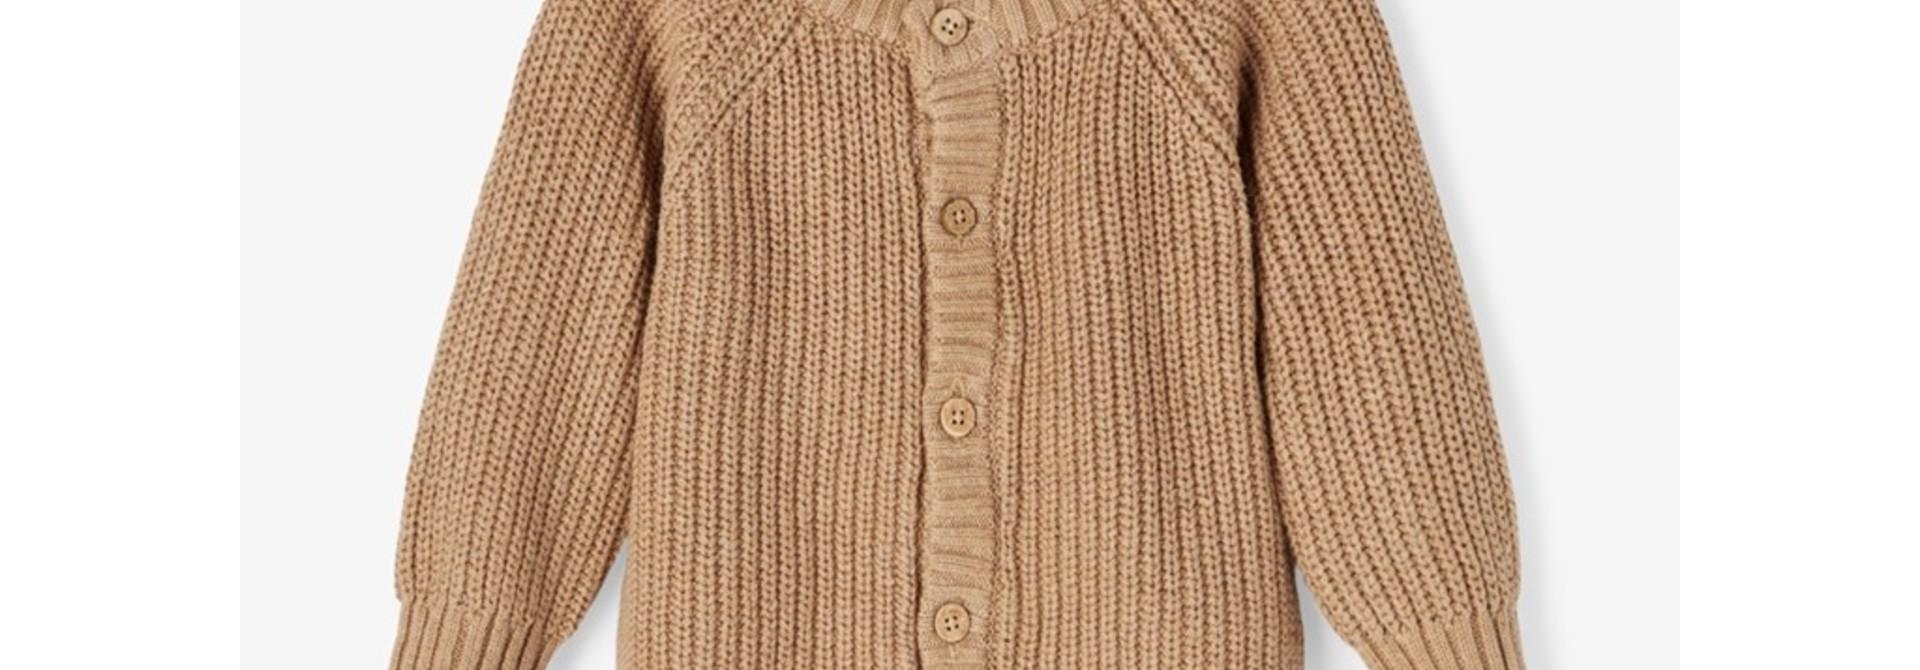 Imilio Longsleeve Knit cardigan - Glazed Ginger